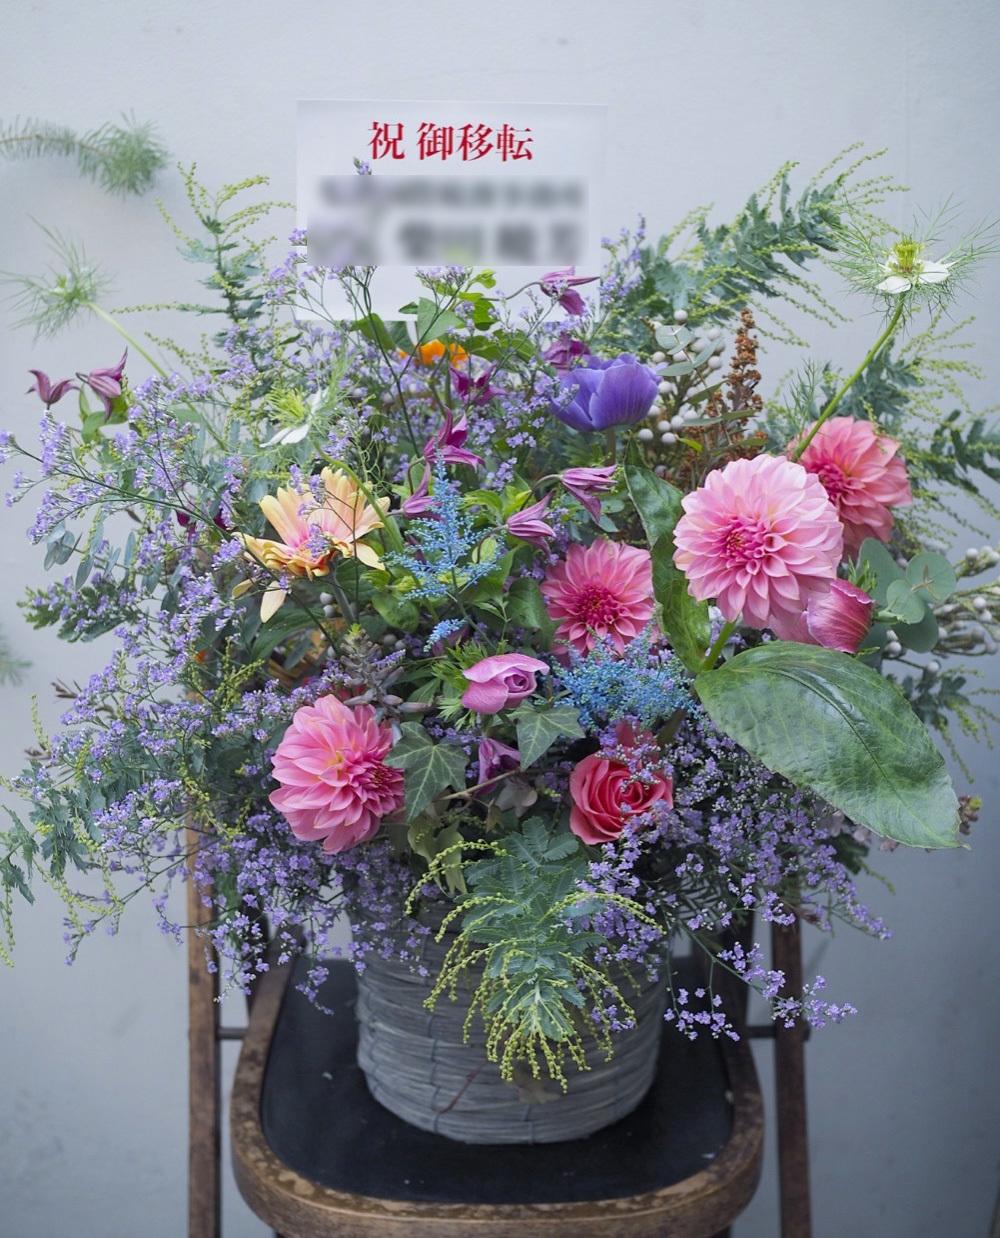 法務事務所さまの新たなオフィスの雰囲気に合わせた移転祝い花